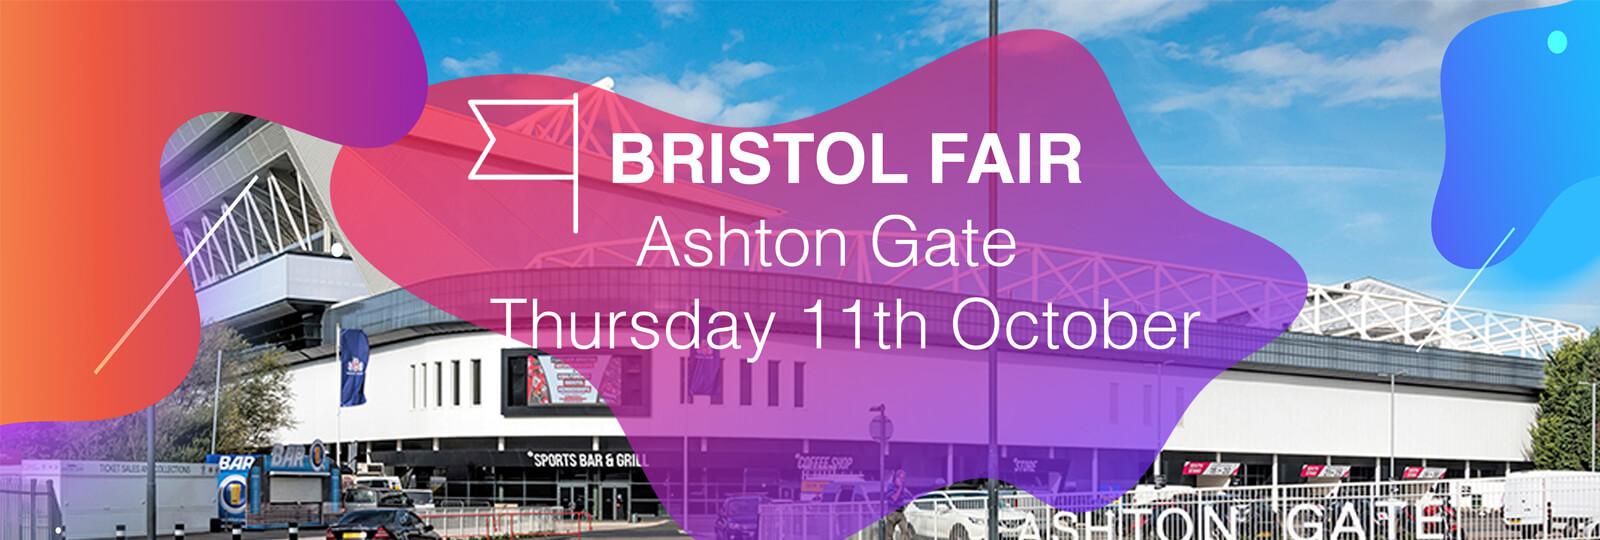 Bristol Fair